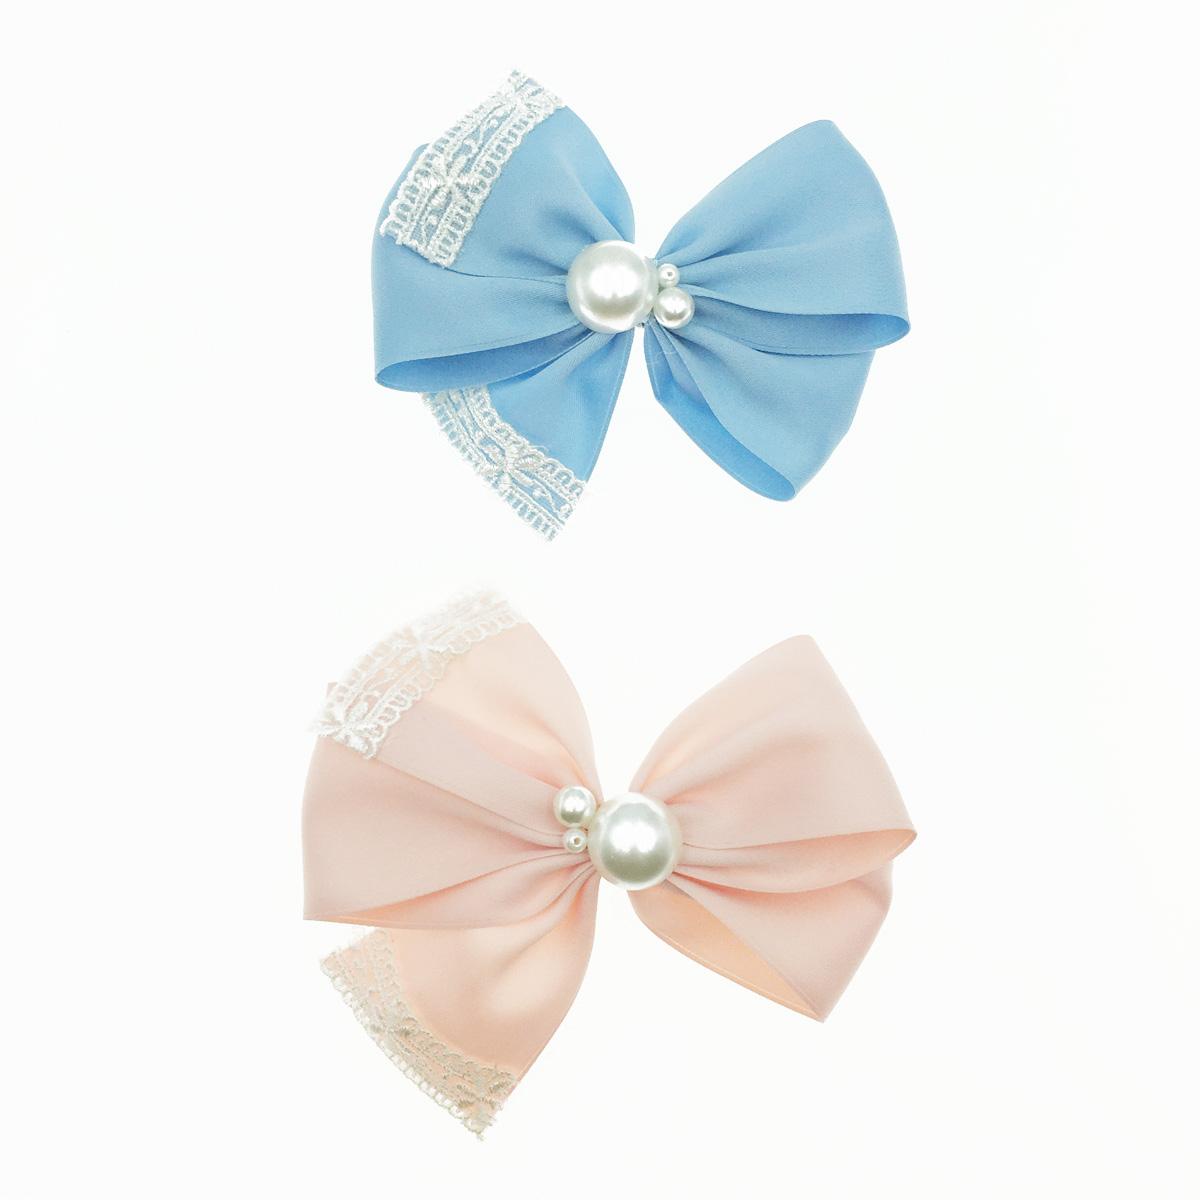 韓國 蝴蝶結 珍珠 蕾絲 緞帶 緞面質感 髮夾 髮飾